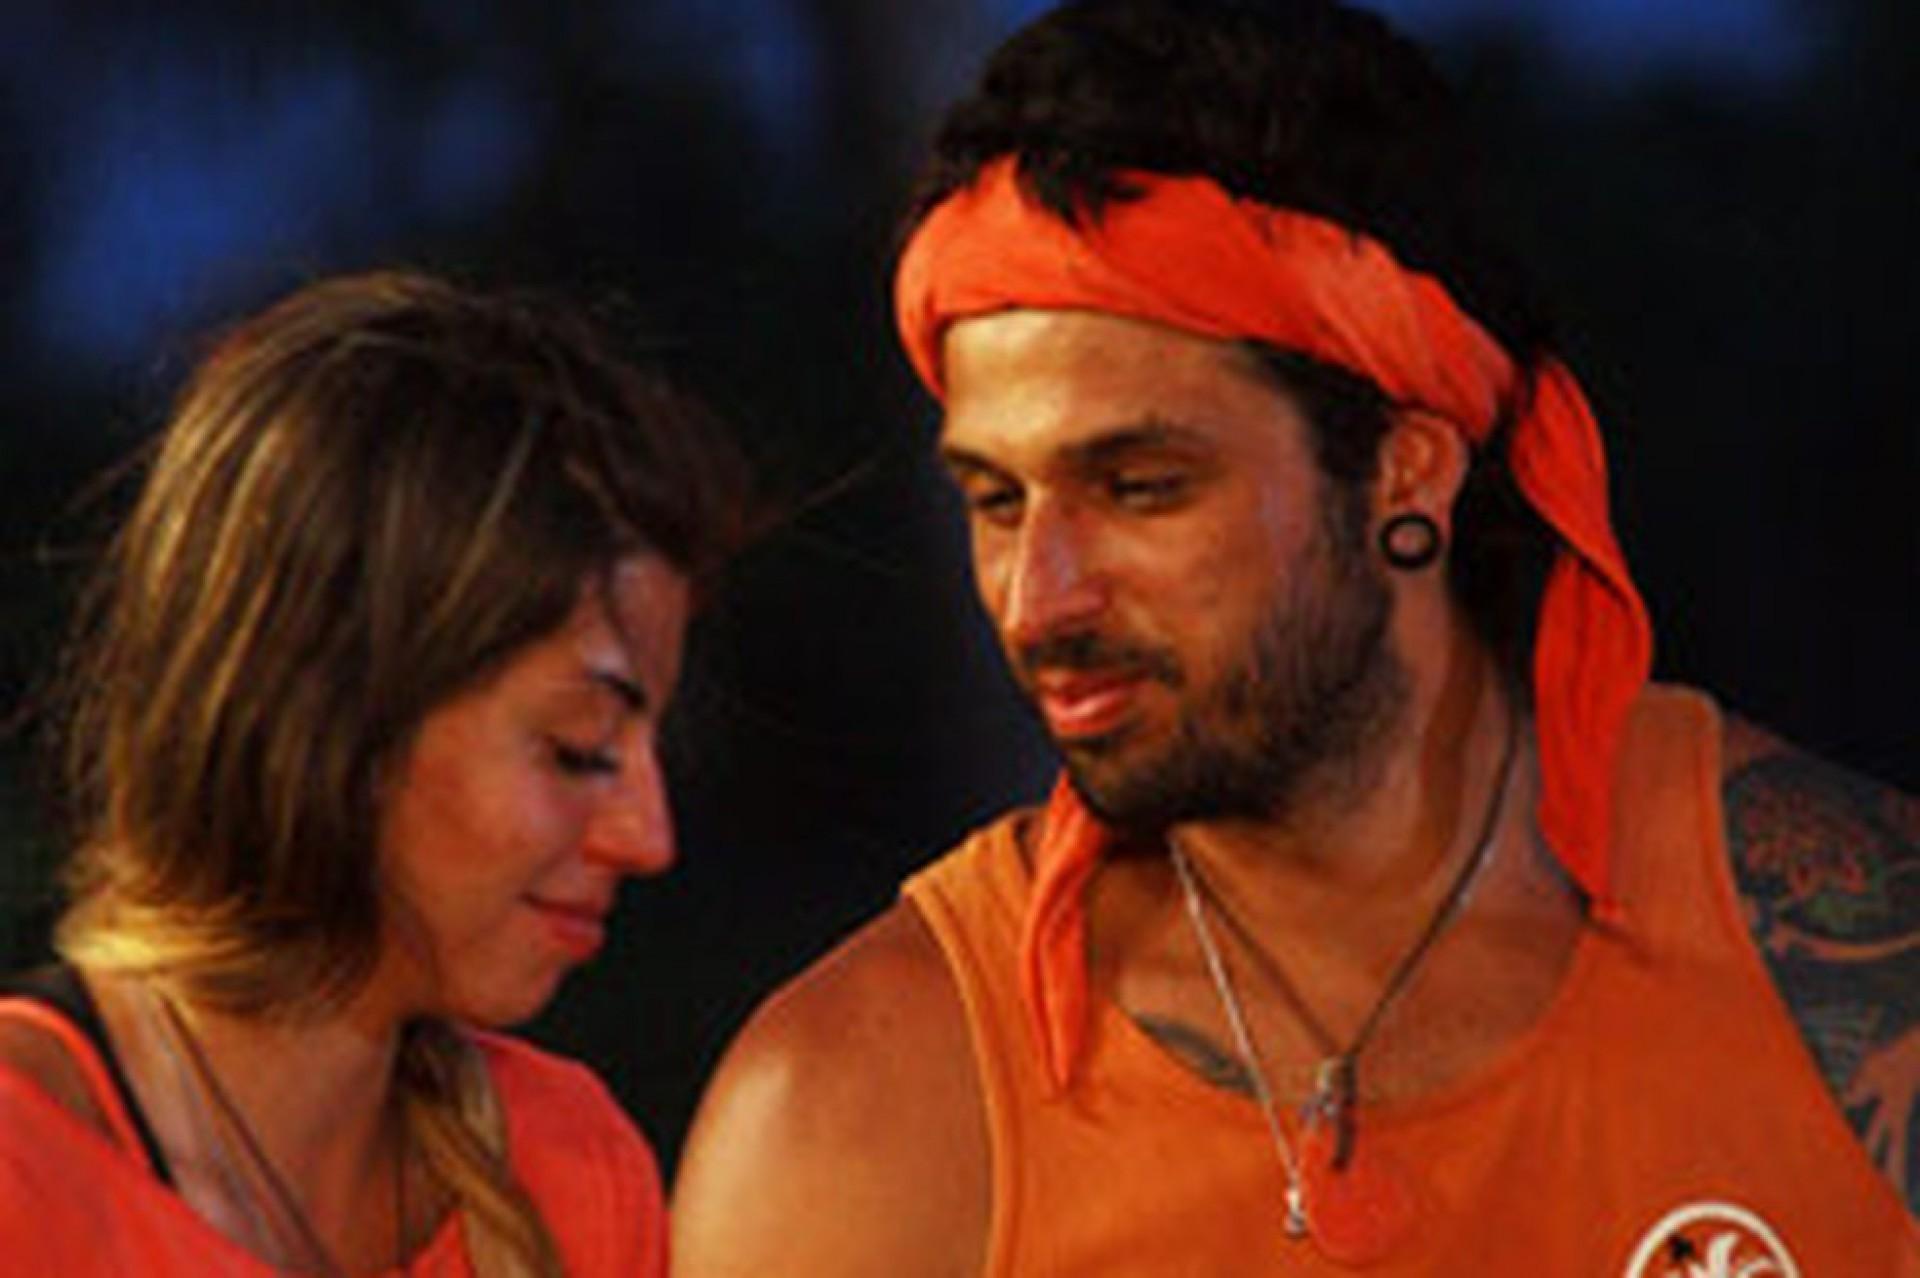 Jéssica e Rafão estavam na quarta edição do No Limite